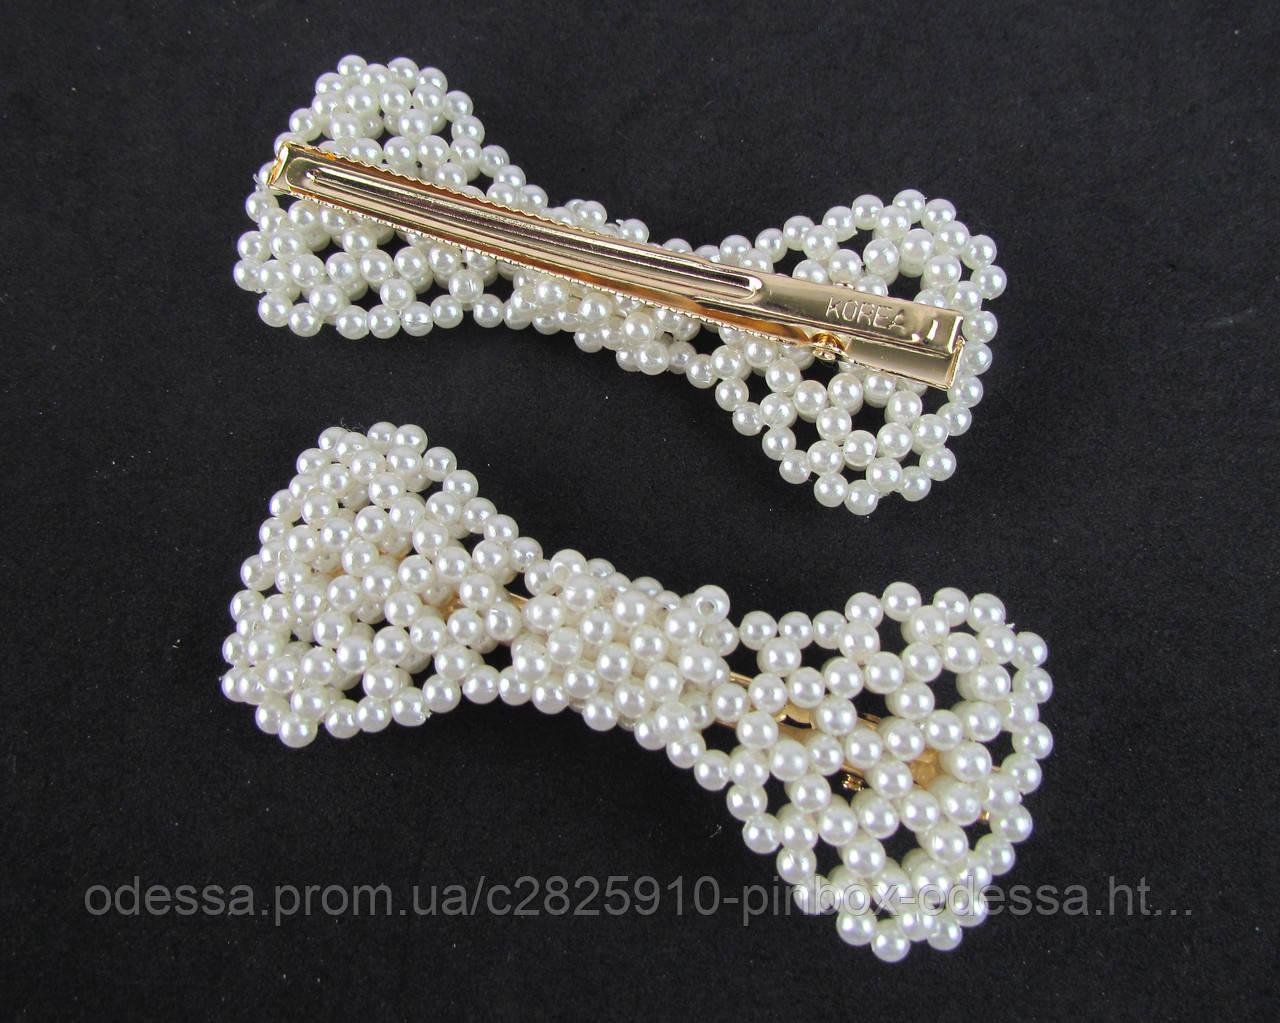 727946b885e2 Заколки для волос с жемчугом Бантик плетеный 9*3.8 см 4 шт/уп.: продажа,  цена в Одессе. ...